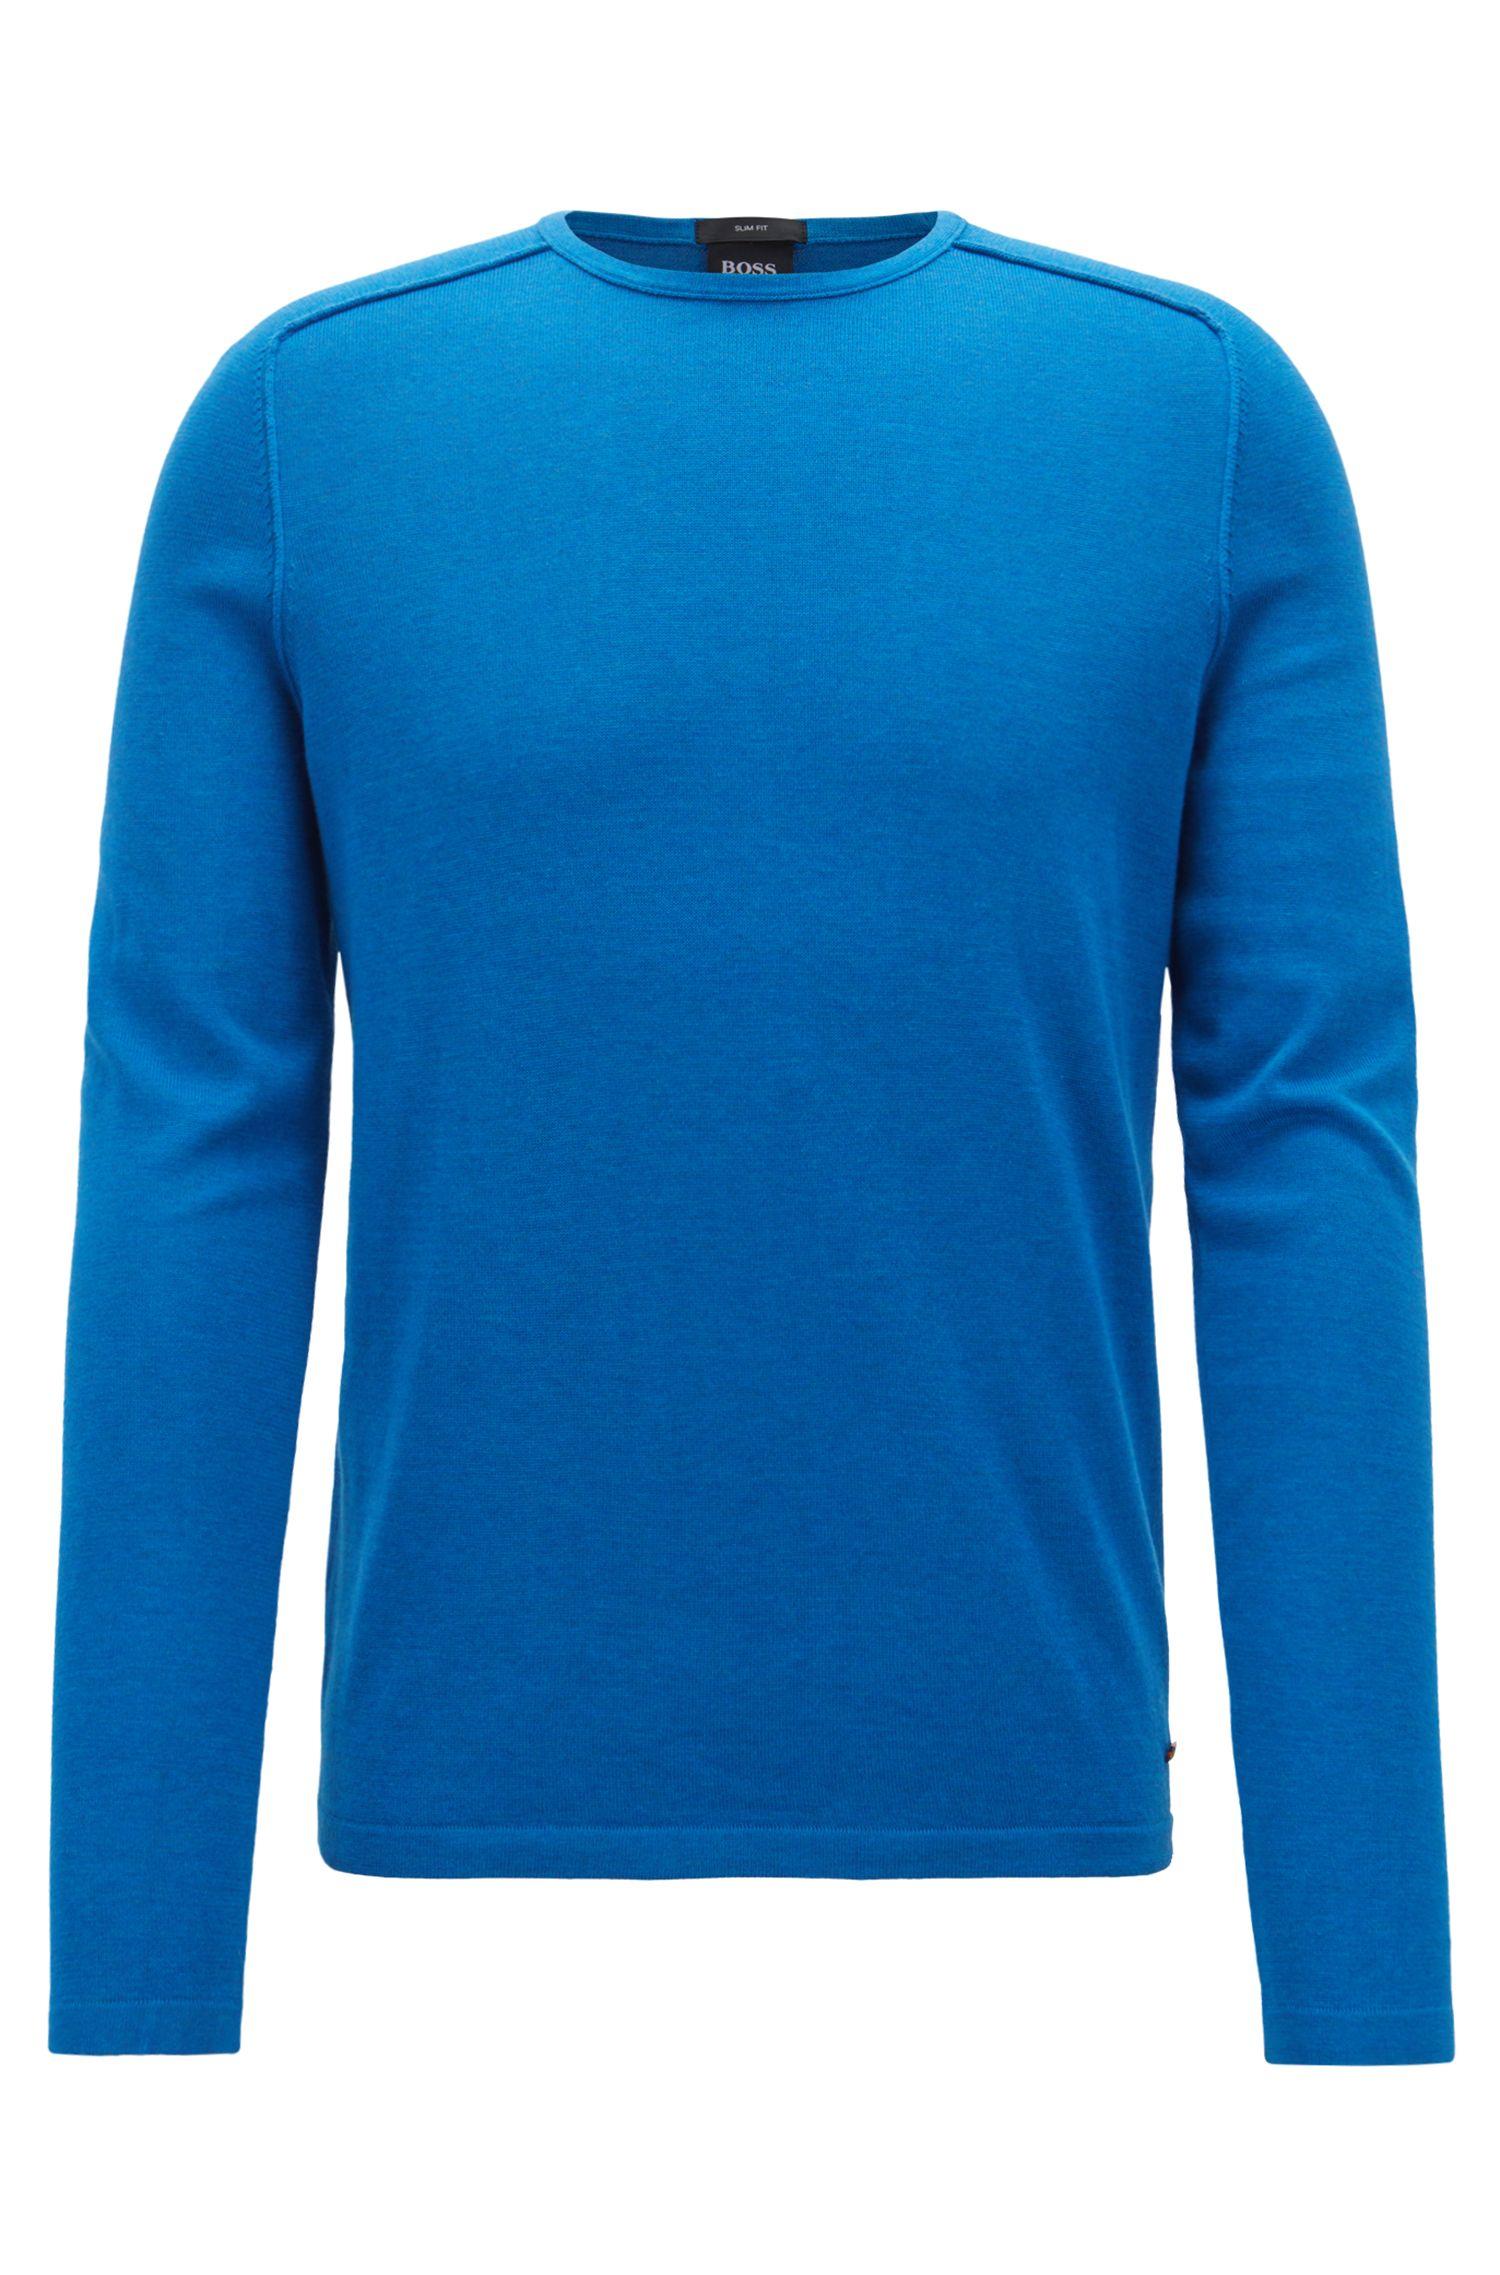 Pullover aus gestrickter Baumwolle mit Paspel-Details, Blau